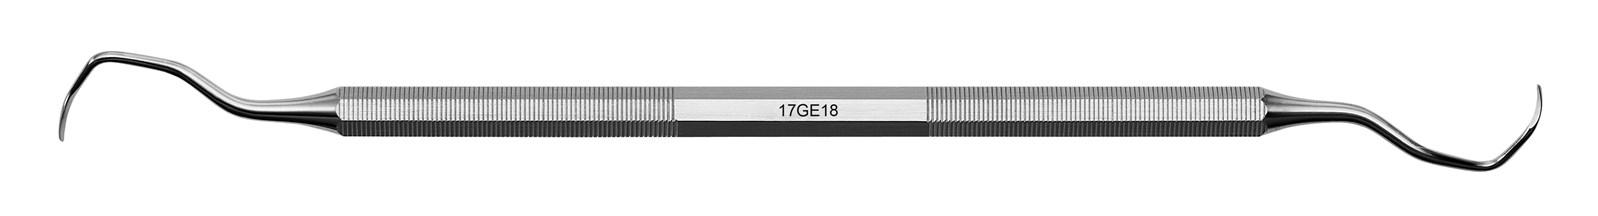 Kyreta Gracey Classic - 17GE18, ADEP silikonový návlek tmavě zelený